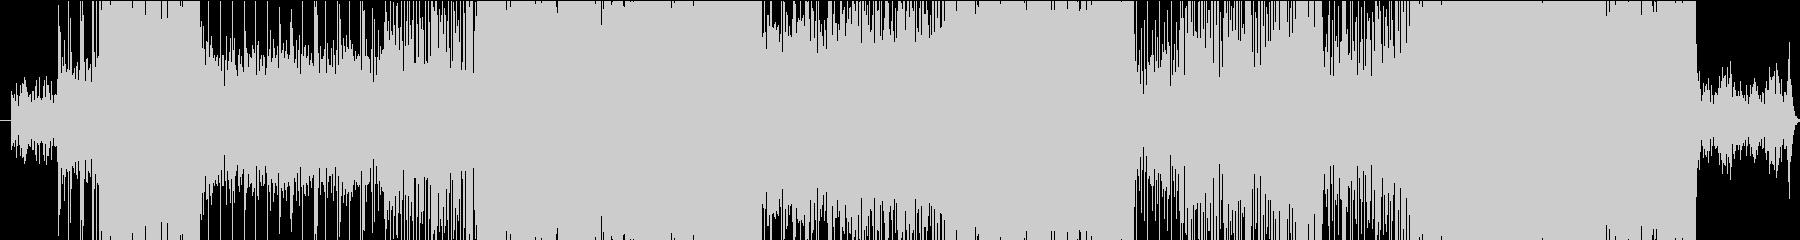 アニメソングとして使われそうな曲調の未再生の波形